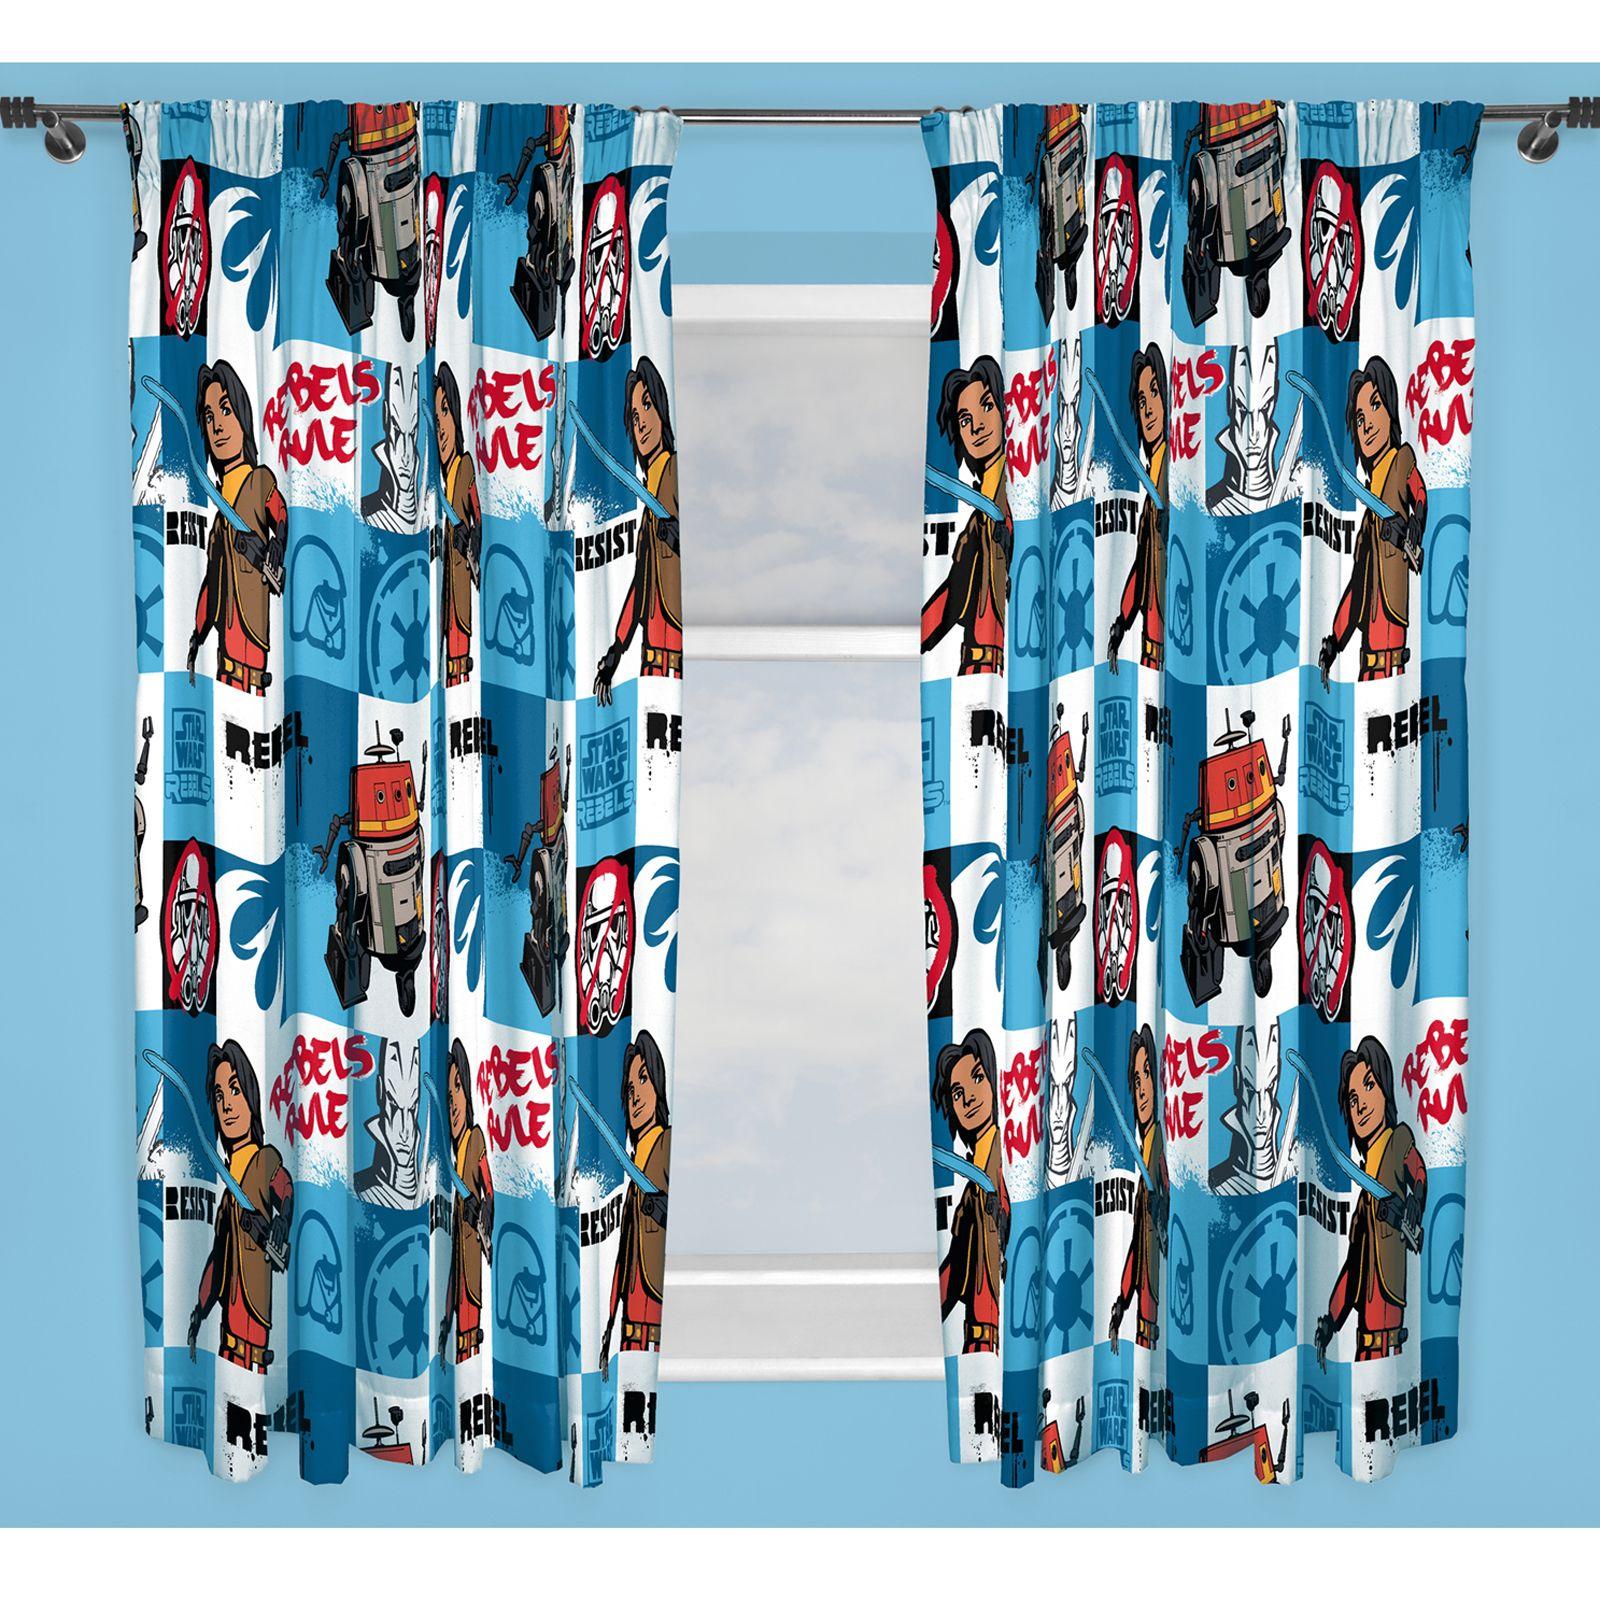 star wars rebels episode 7 vorh nge erh ltlich in 137cm. Black Bedroom Furniture Sets. Home Design Ideas